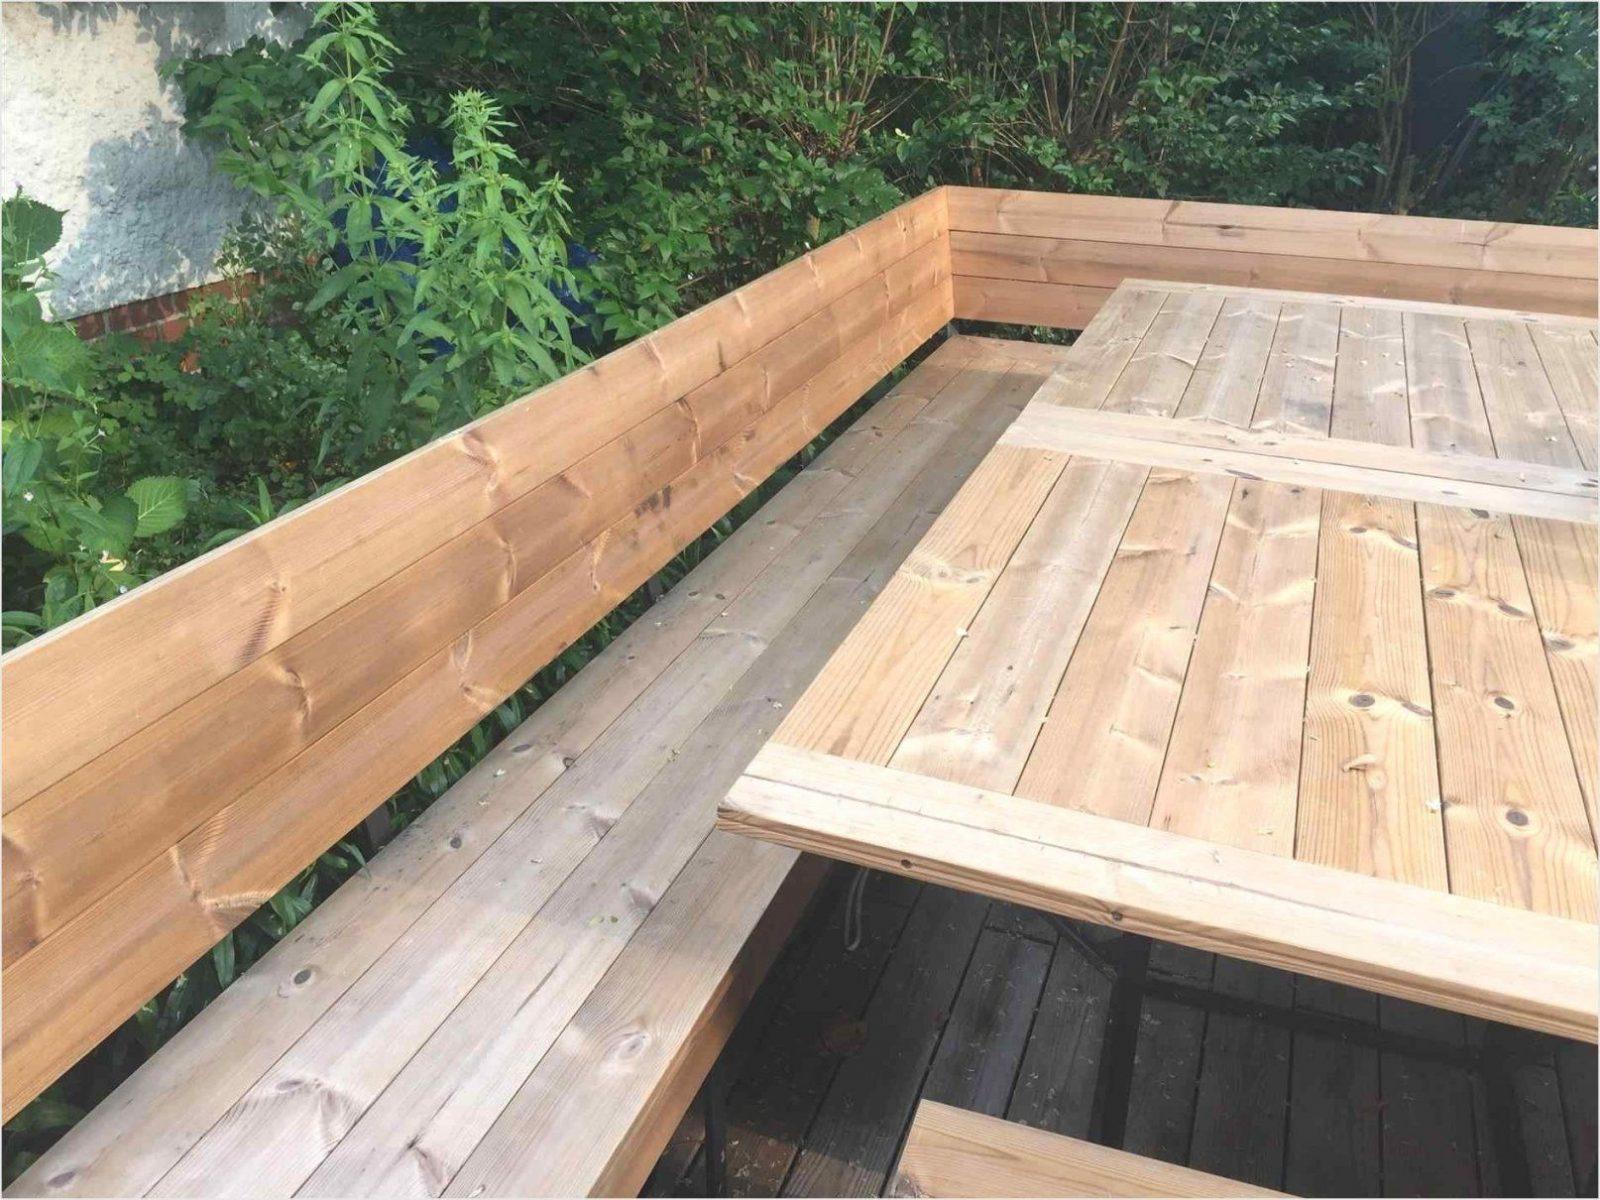 Eckbank Selber Bauen Aus Holz Garten Eckbank Selber Bauen von Garten Eckbank Selber Bauen Photo